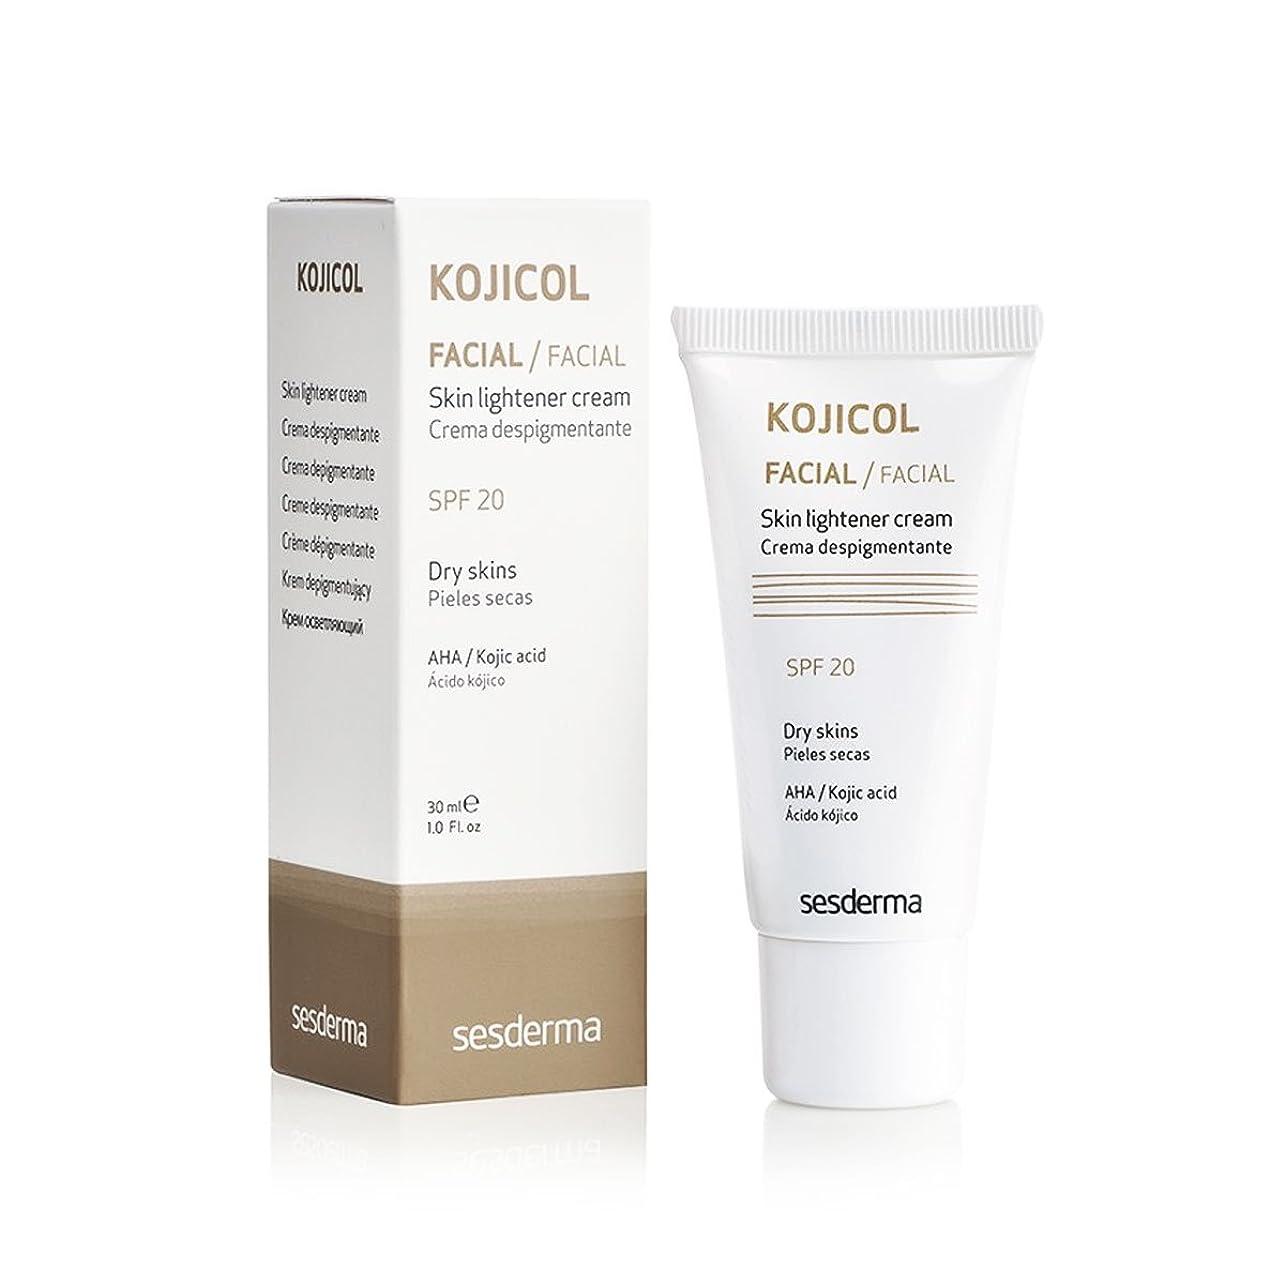 気性豊富な冷蔵庫Sesderma Kojicol Depigmenting Cream 30ml [並行輸入品]